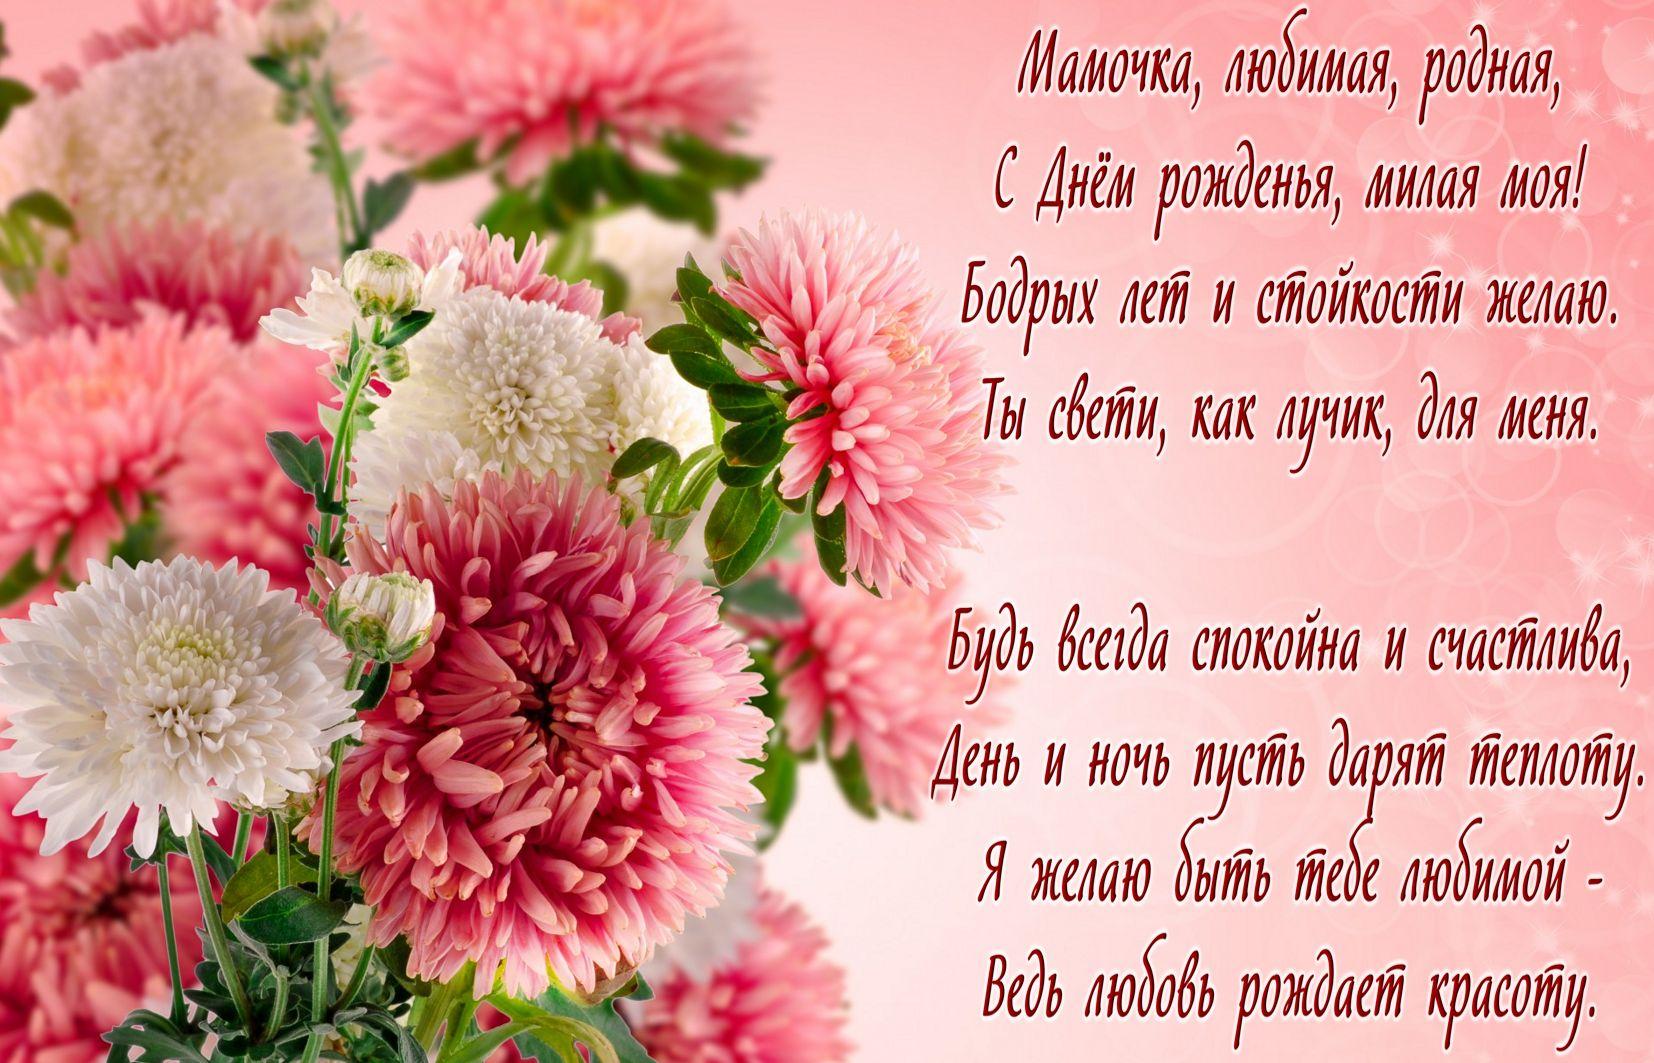 с днём рождения мама , открытки с поздравлениями для мамы .  с днём рождения мама , открытки с поздравлениями для мамы , красивые открытки в прозе для мамы , со стихаии посвящённые маме в день рождения , с добрыми словами.